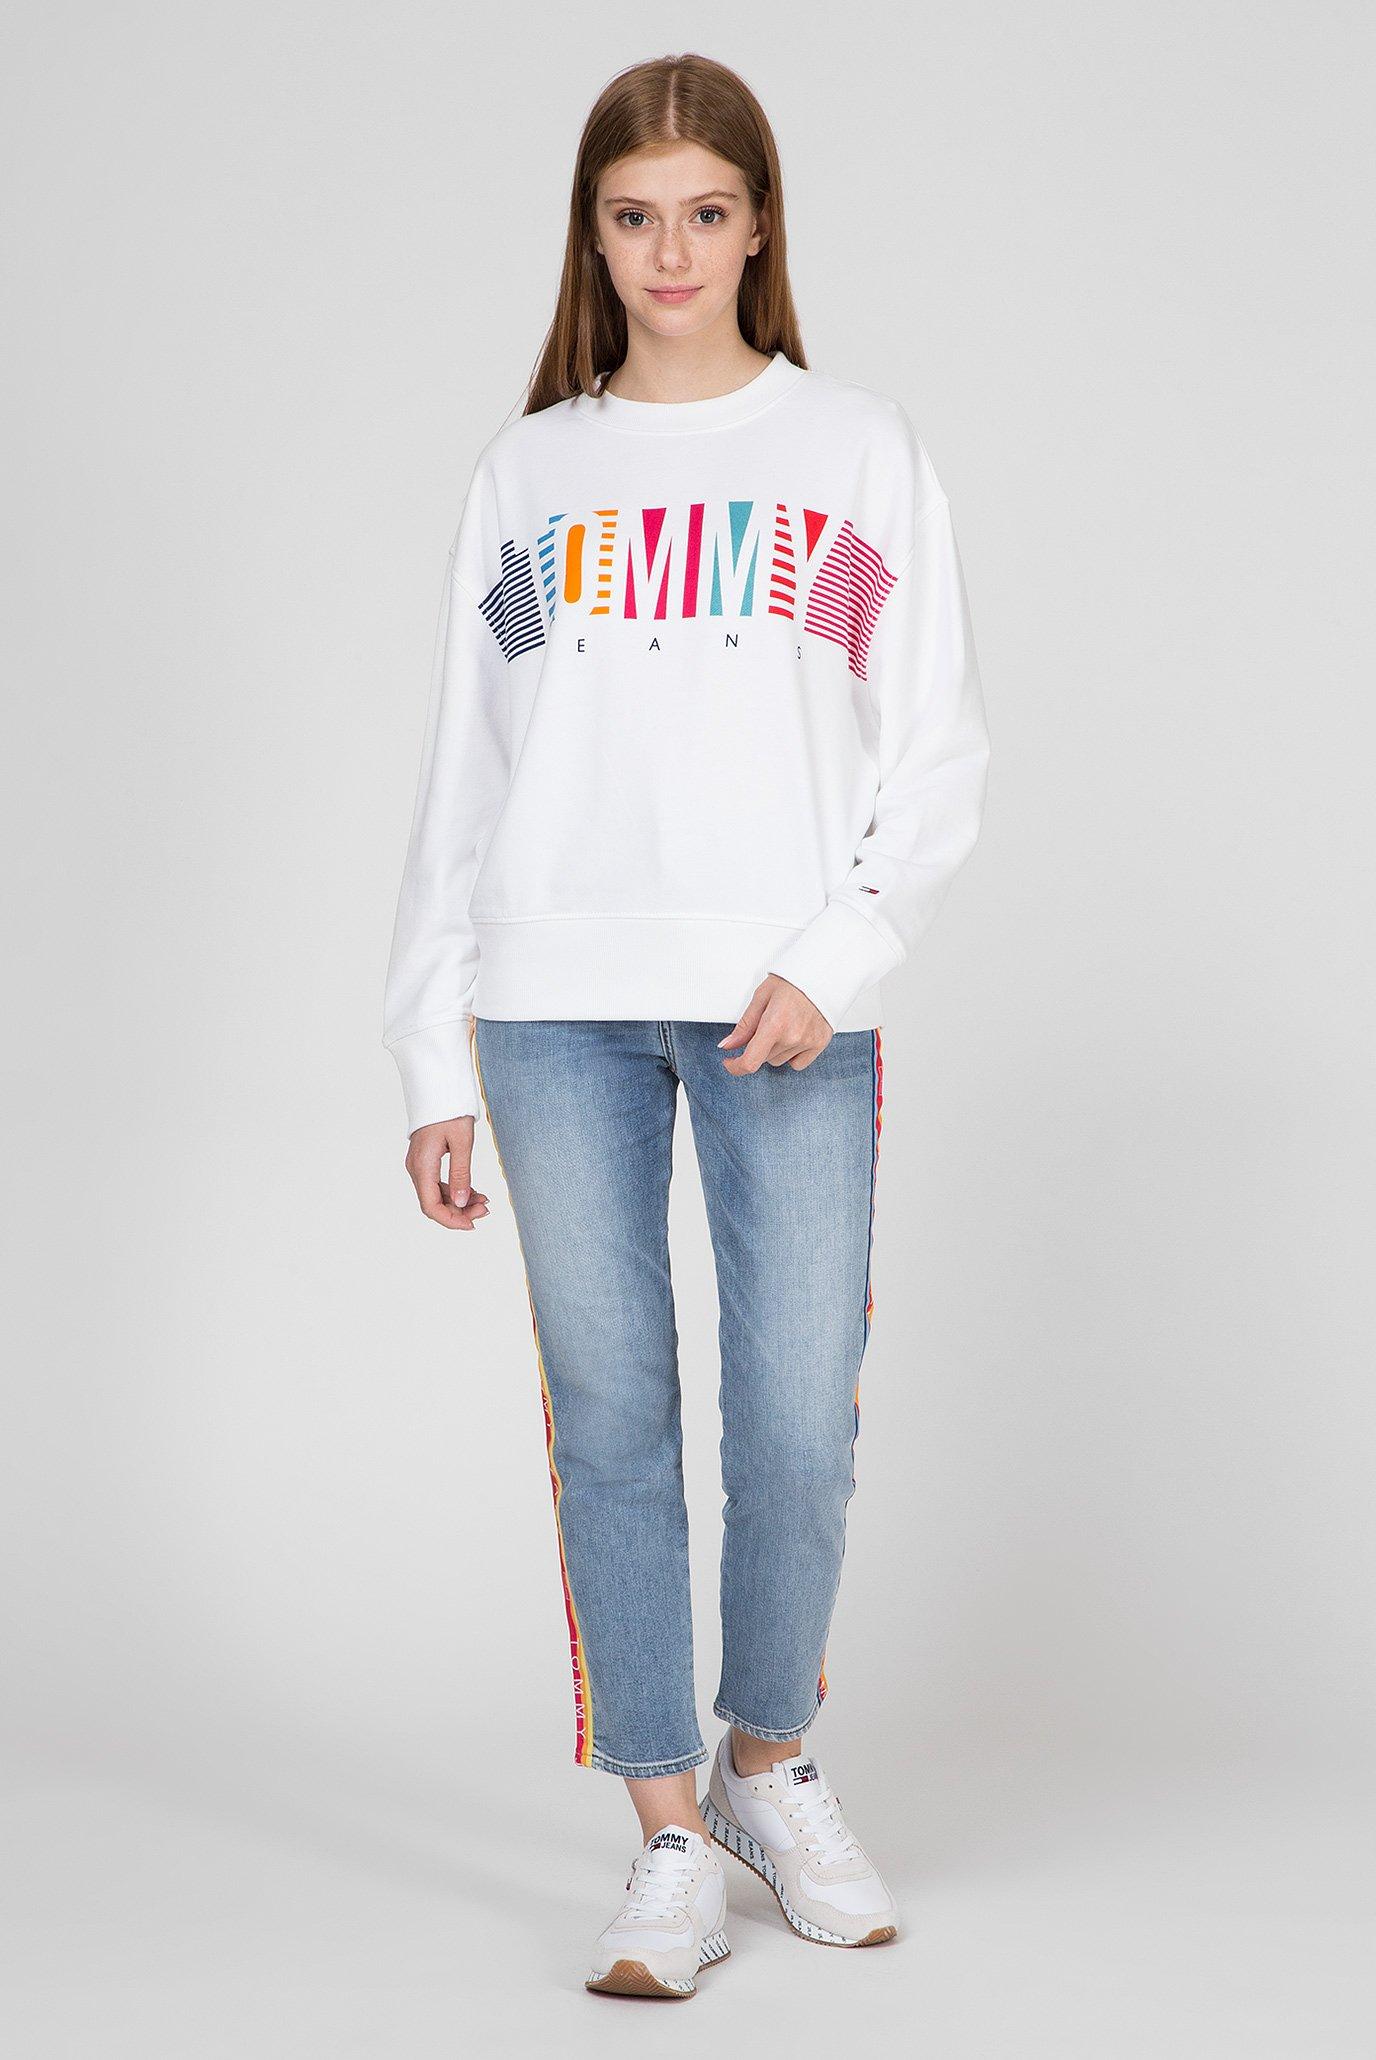 Купить Женские голубые джинсы HIGH RISE SLIM IZZY RNBWM Tommy Hilfiger Tommy Hilfiger DW0DW06481 – Киев, Украина. Цены в интернет магазине MD Fashion